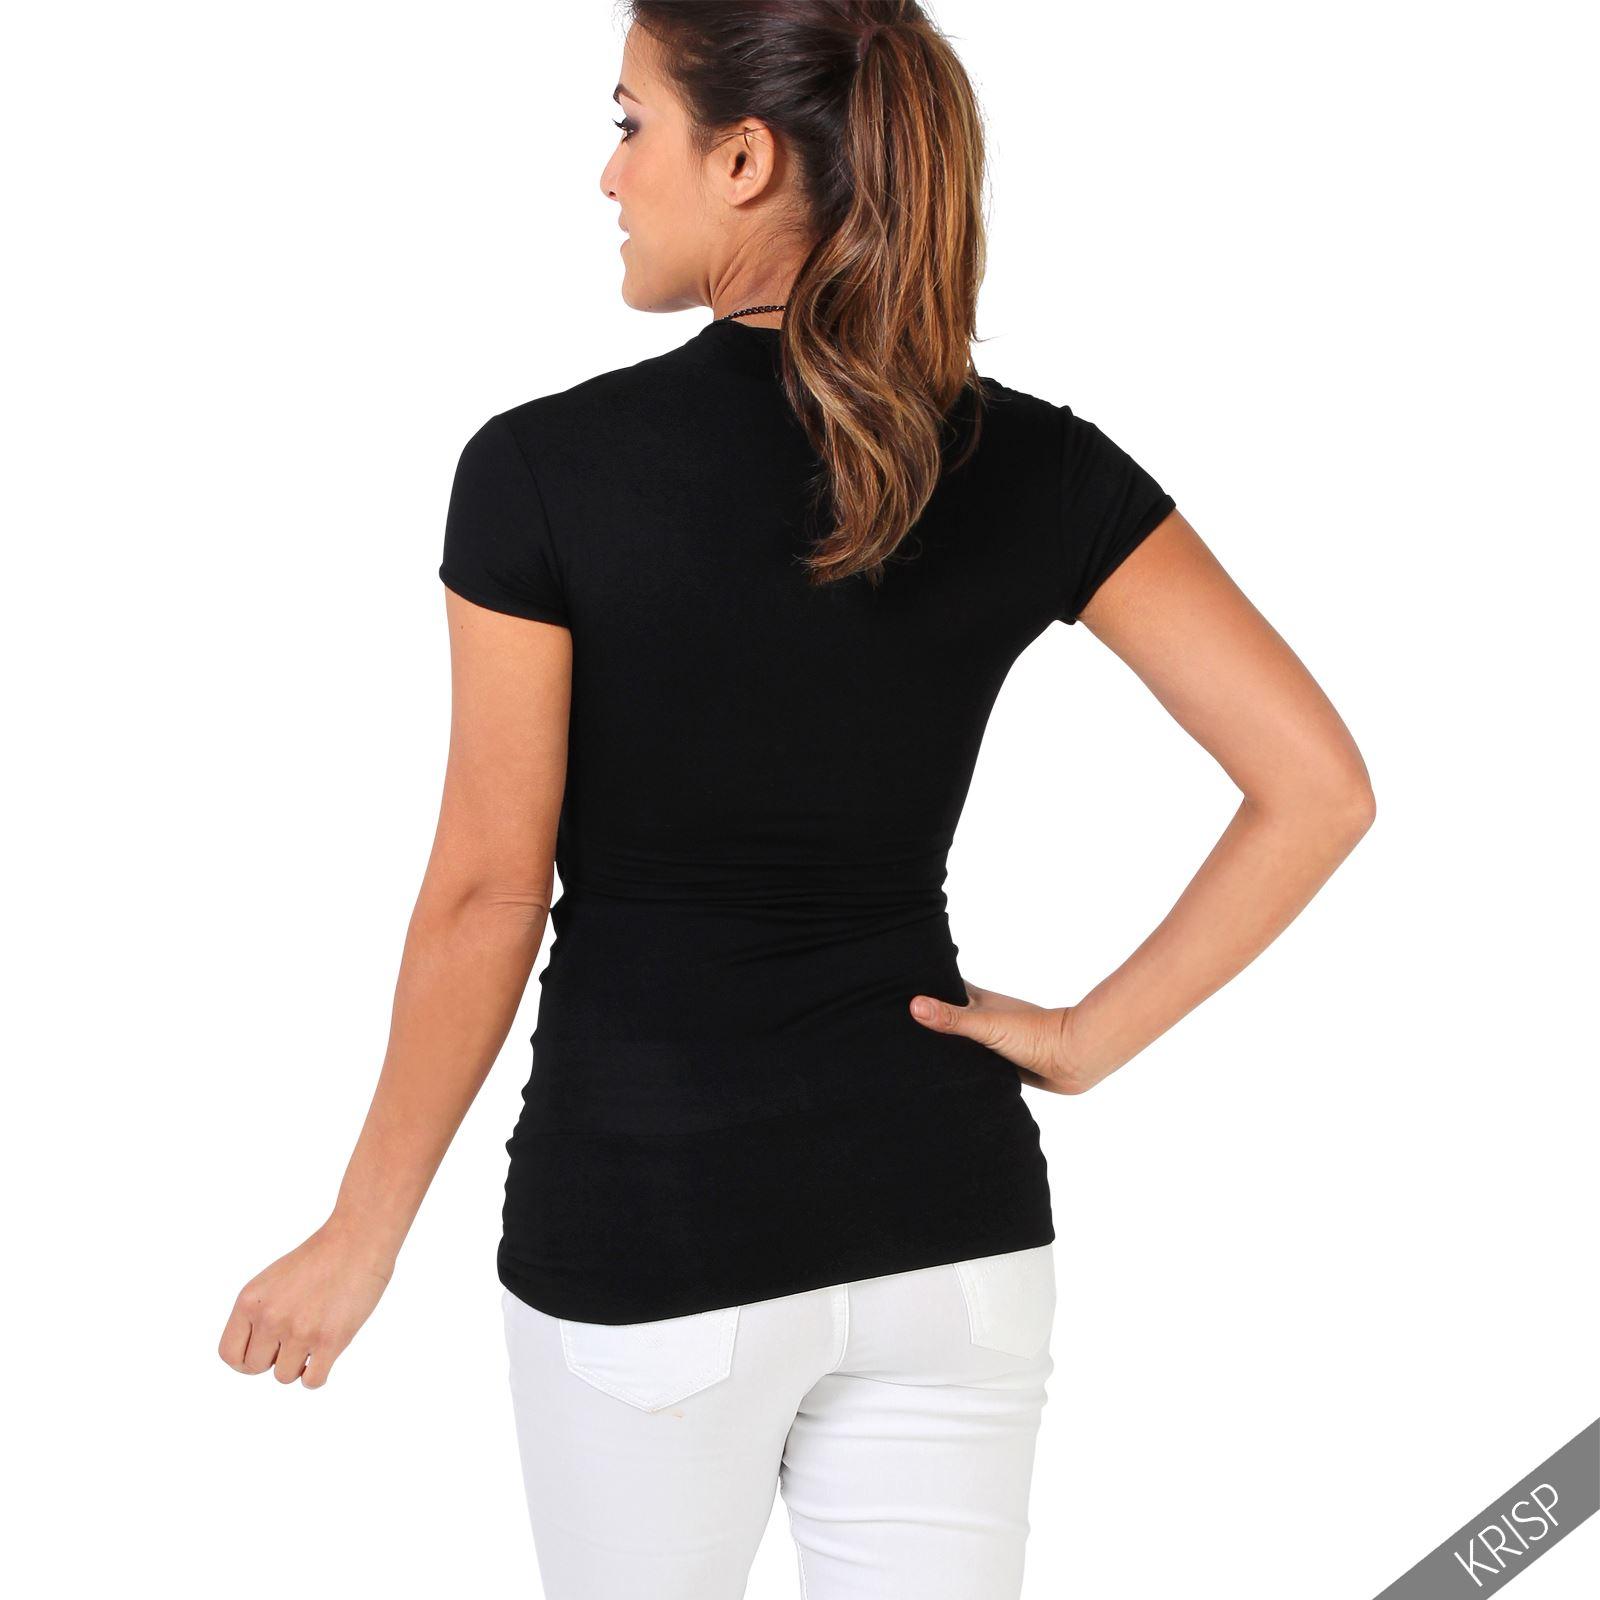 H&M vous propose une large gamme de tops à manches longues | Femme pour différentes occasions.